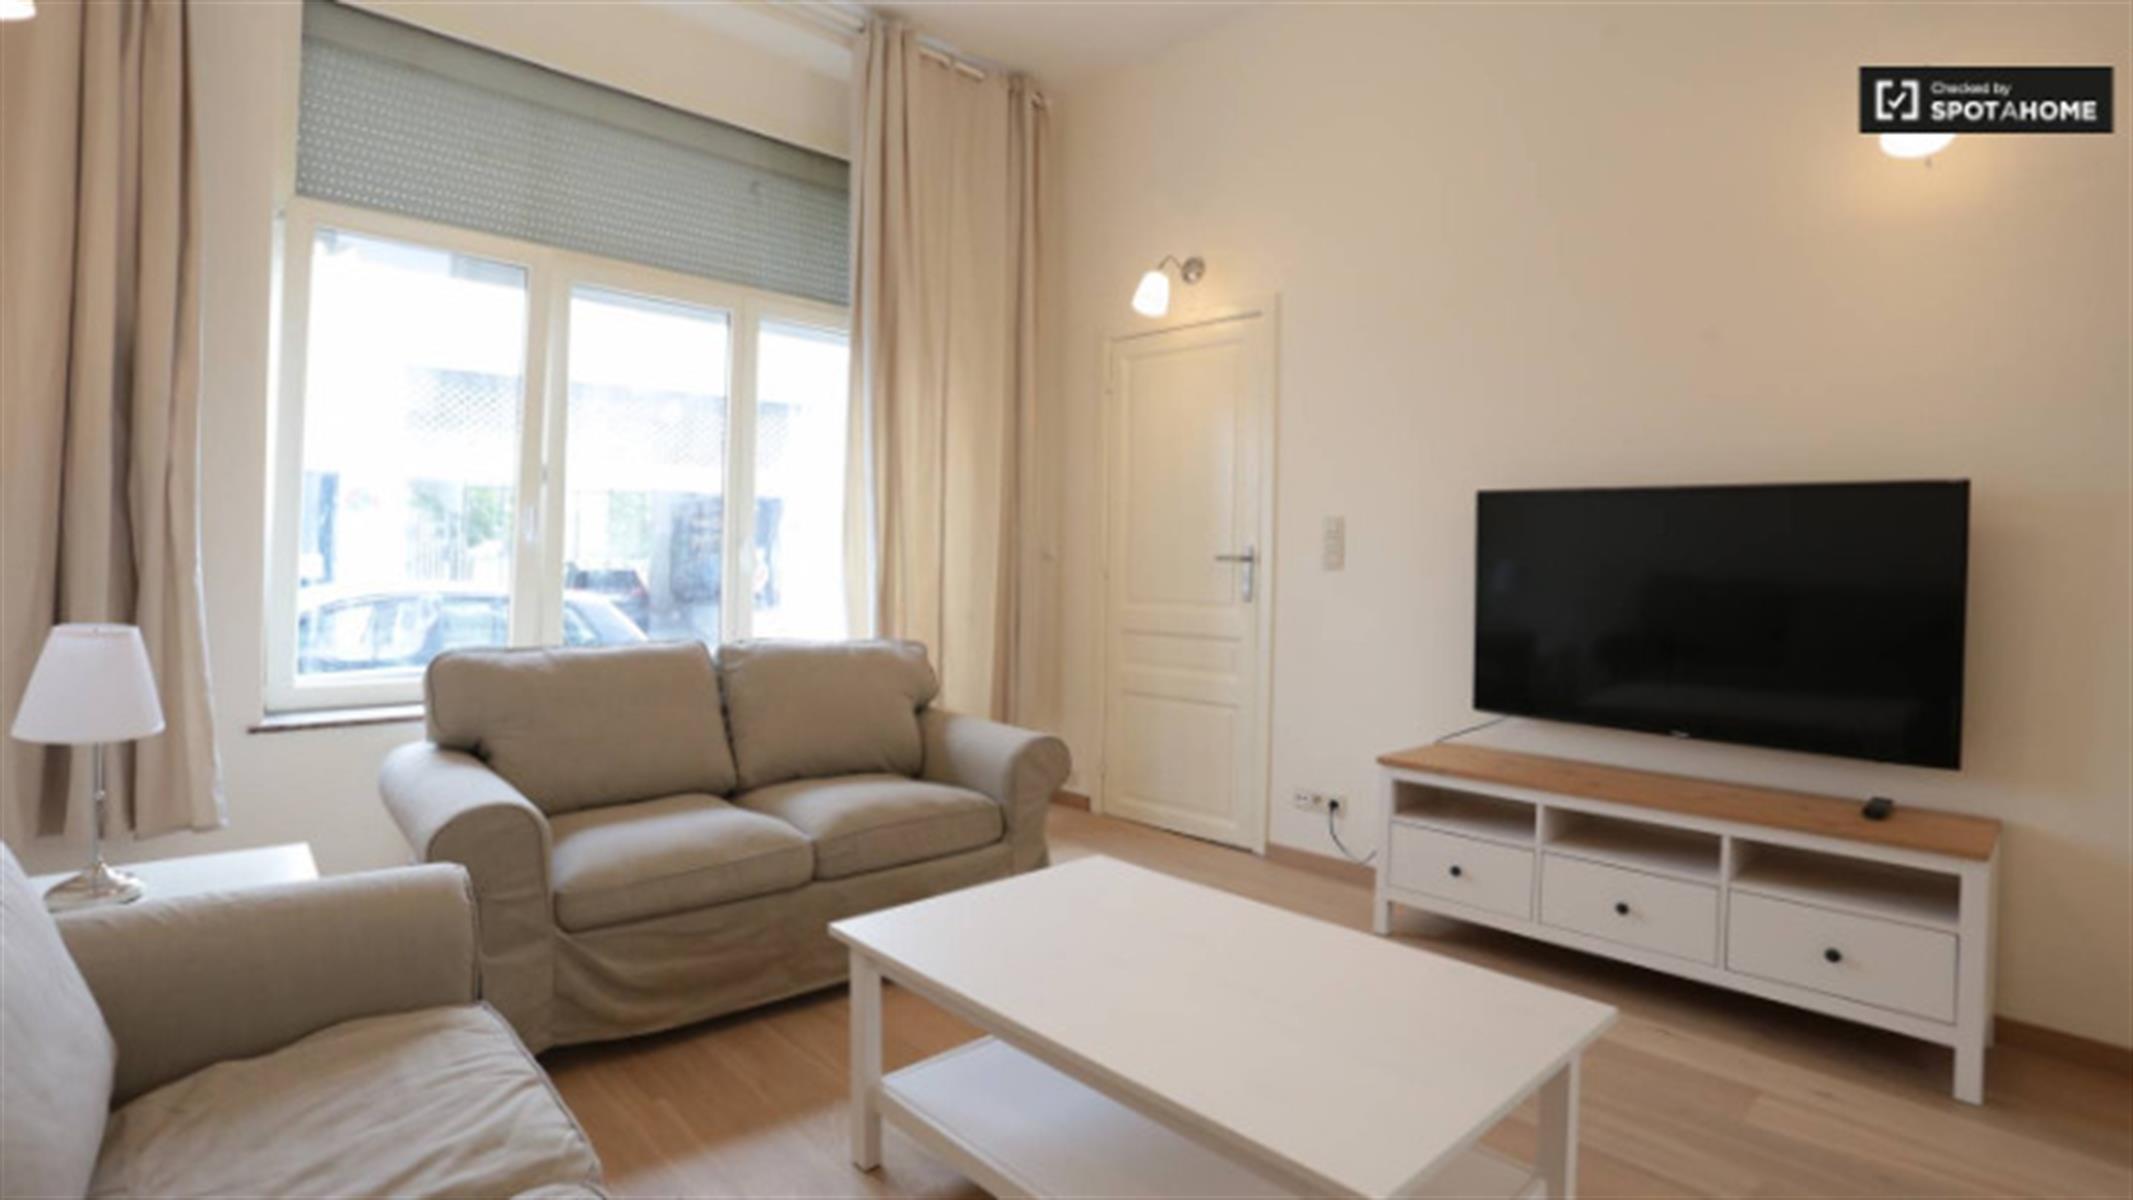 Duplex - Ixelles - #4150164-1